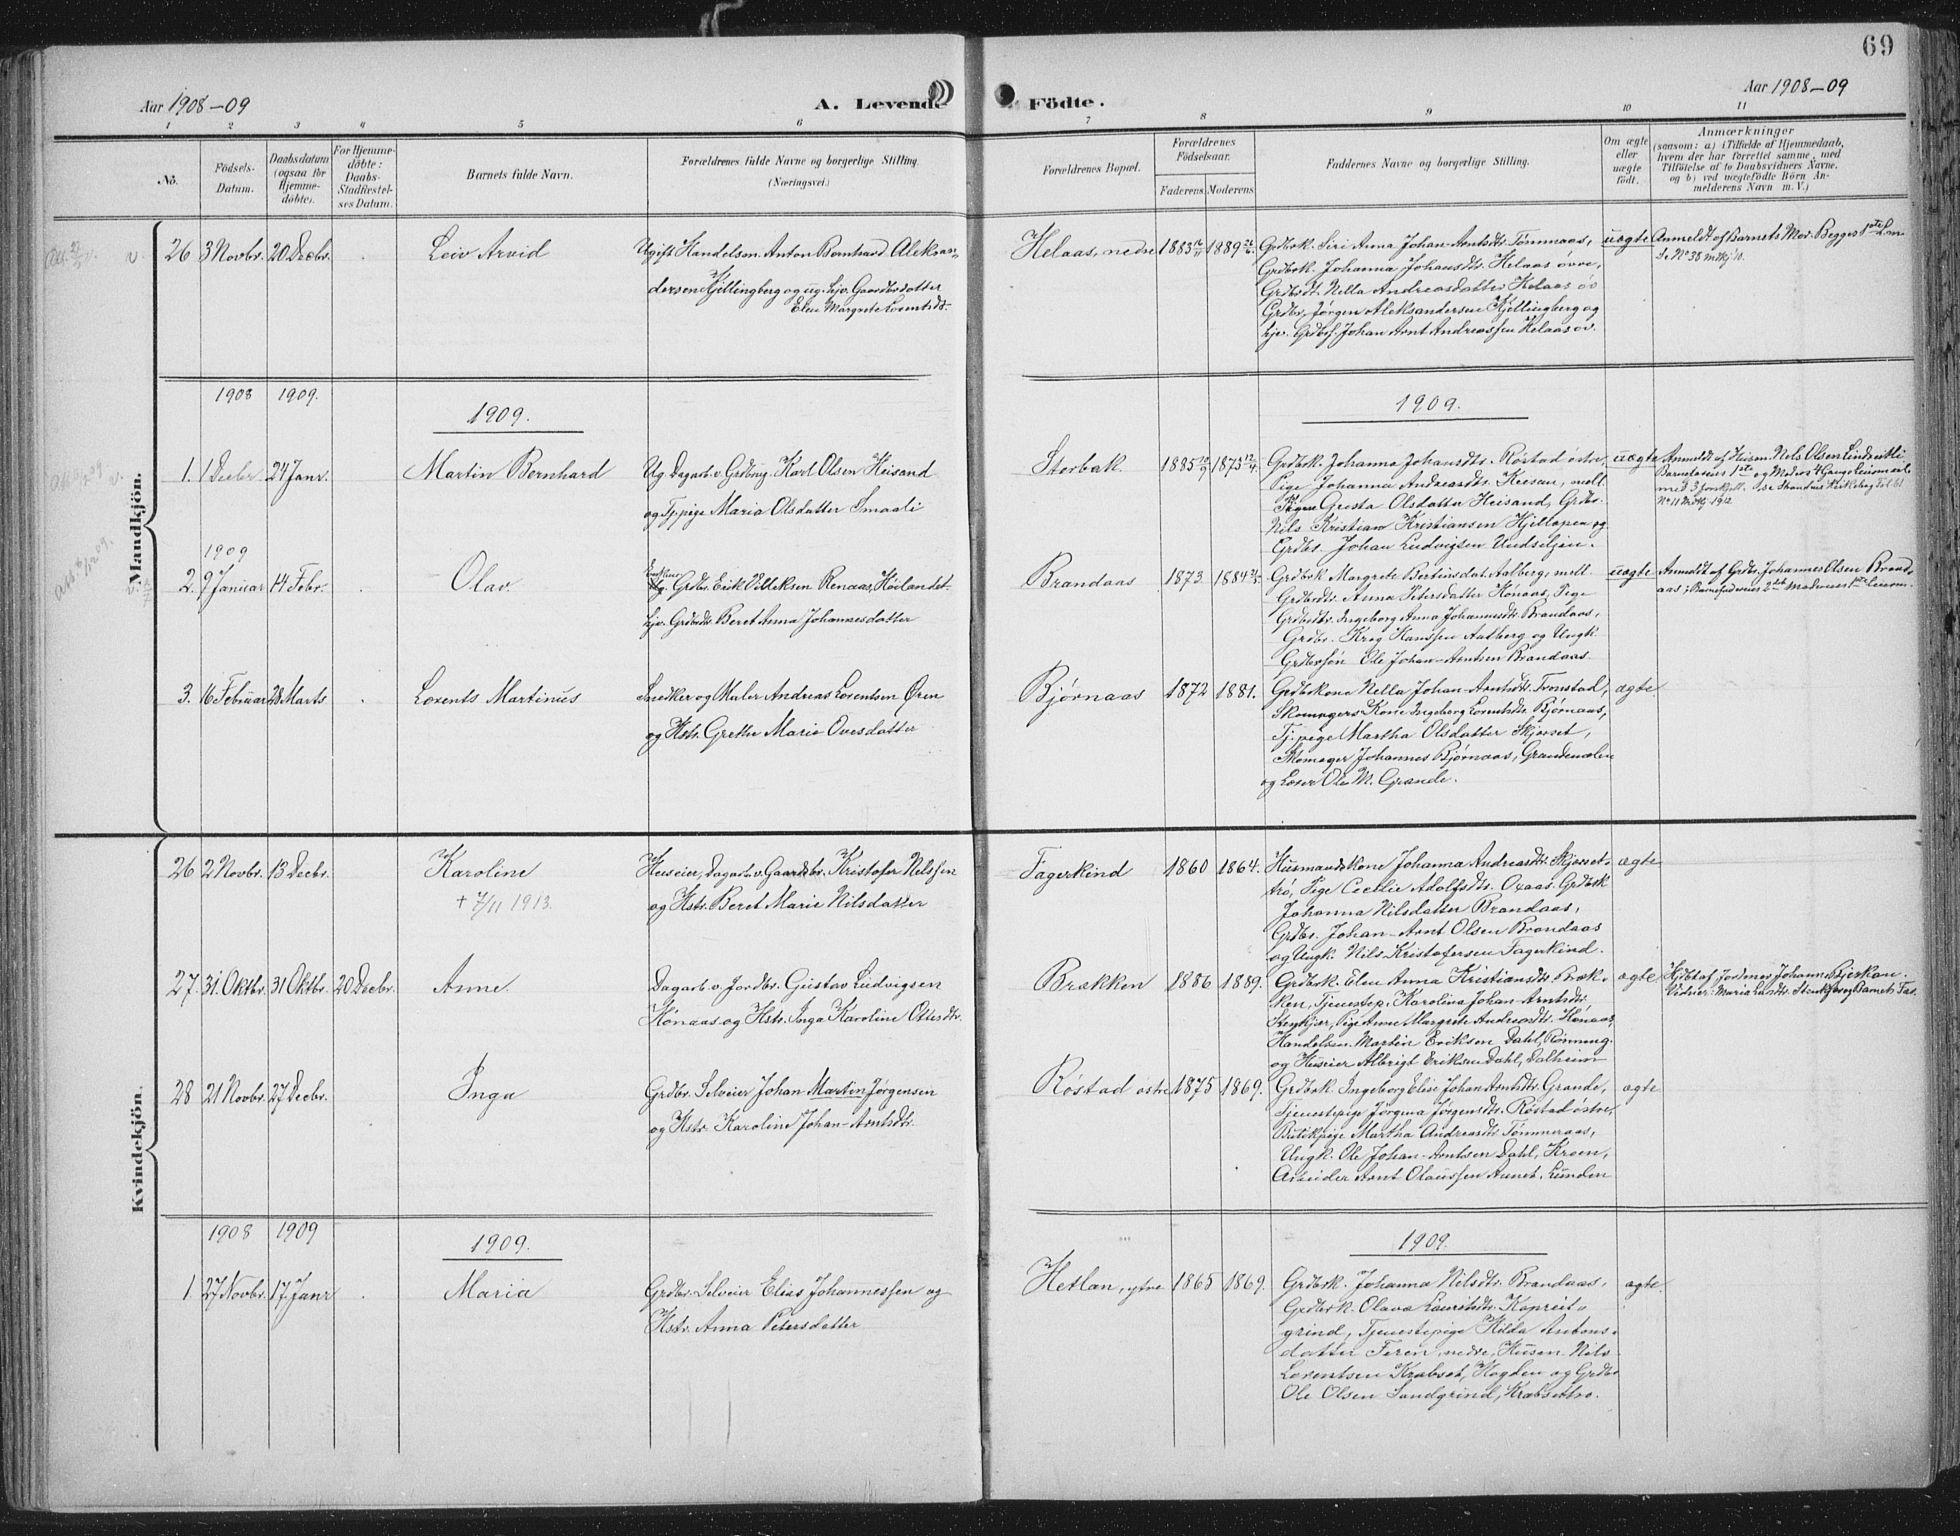 SAT, Ministerialprotokoller, klokkerbøker og fødselsregistre - Nord-Trøndelag, 701/L0011: Ministerialbok nr. 701A11, 1899-1915, s. 69